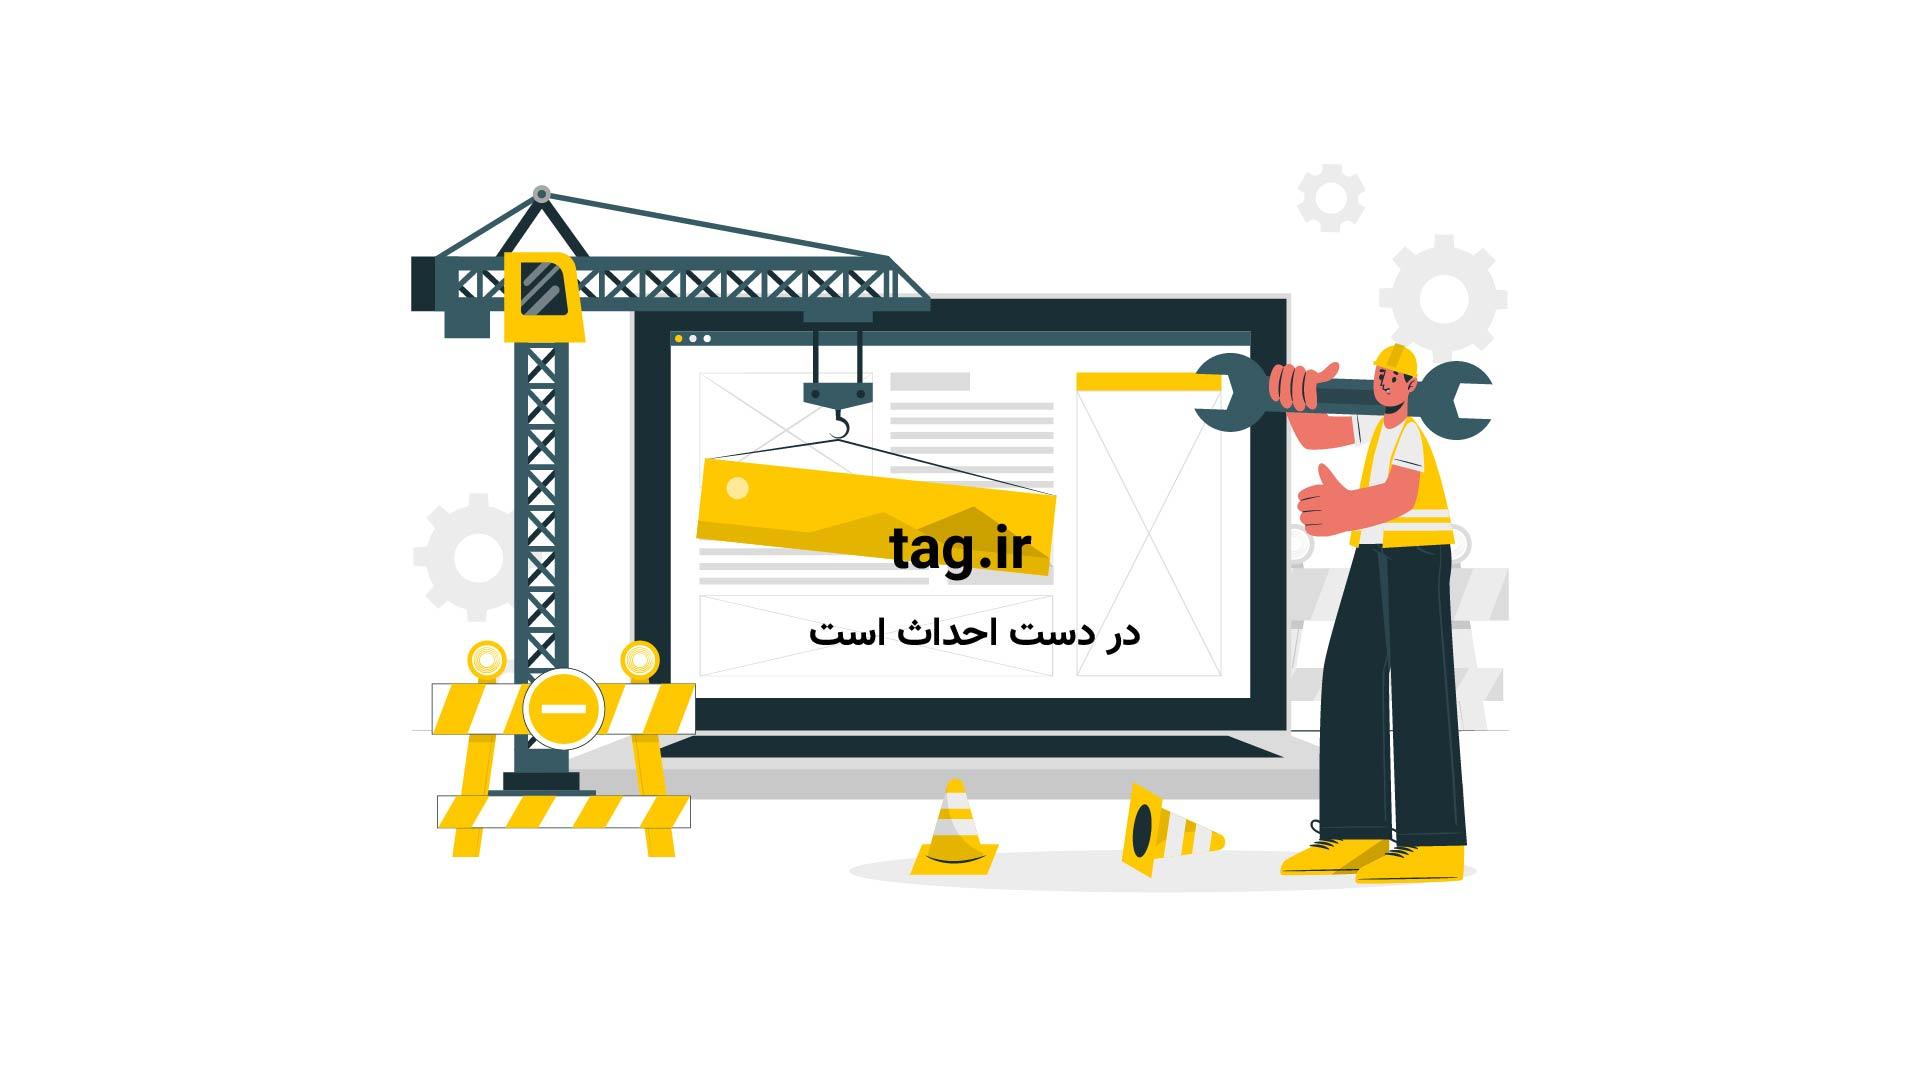 مسابقه پرتاب دارت محمد حسین میثاقی در برنامه خندوانه   فیلم